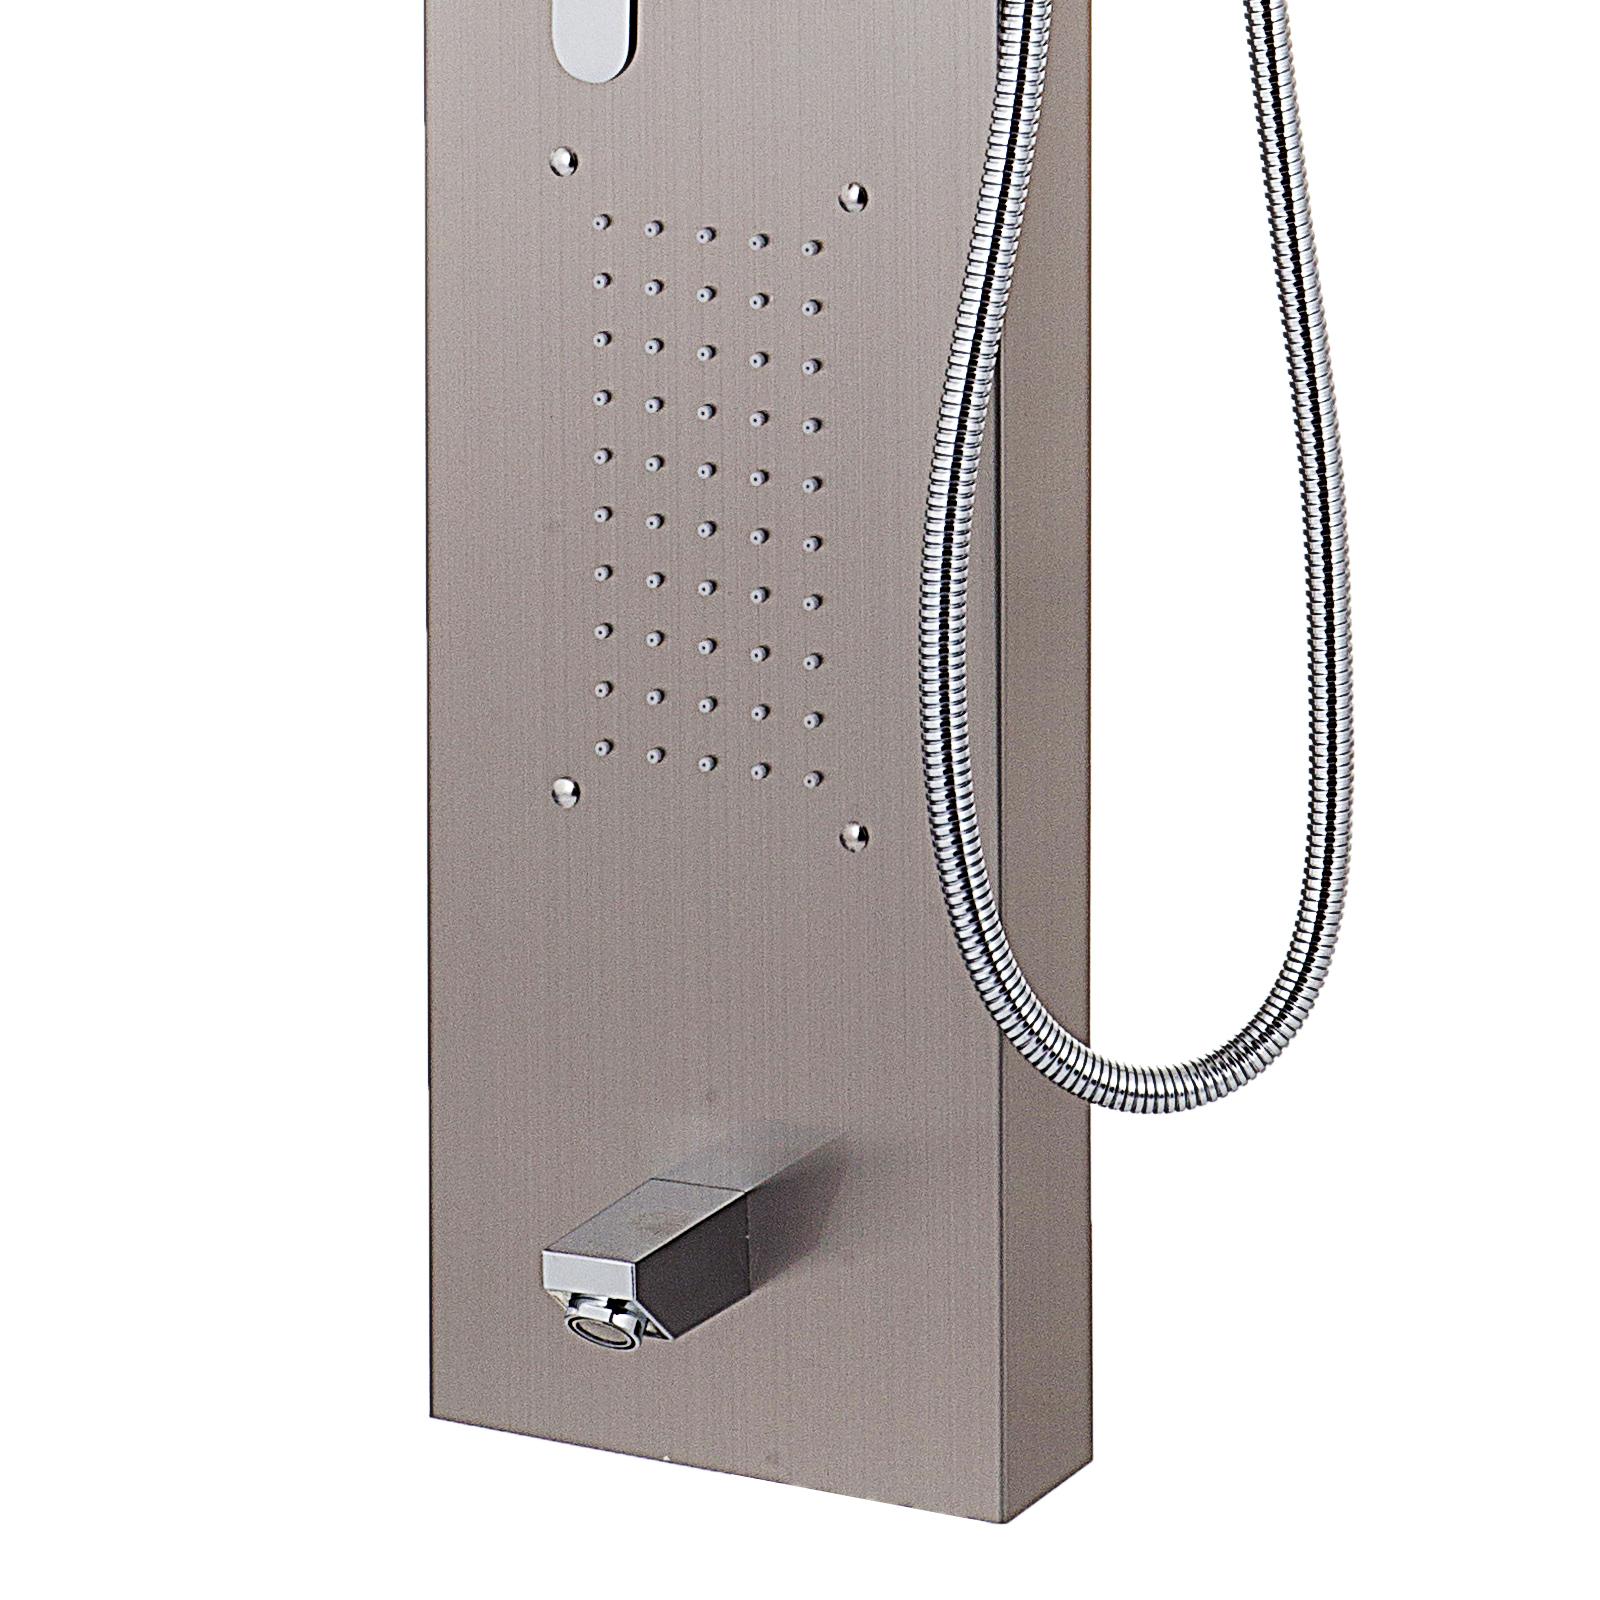 Pannello-doccia-idromassaggio-colonna-in-acciaio-inossidabile-con-miscelatore miniatura 47